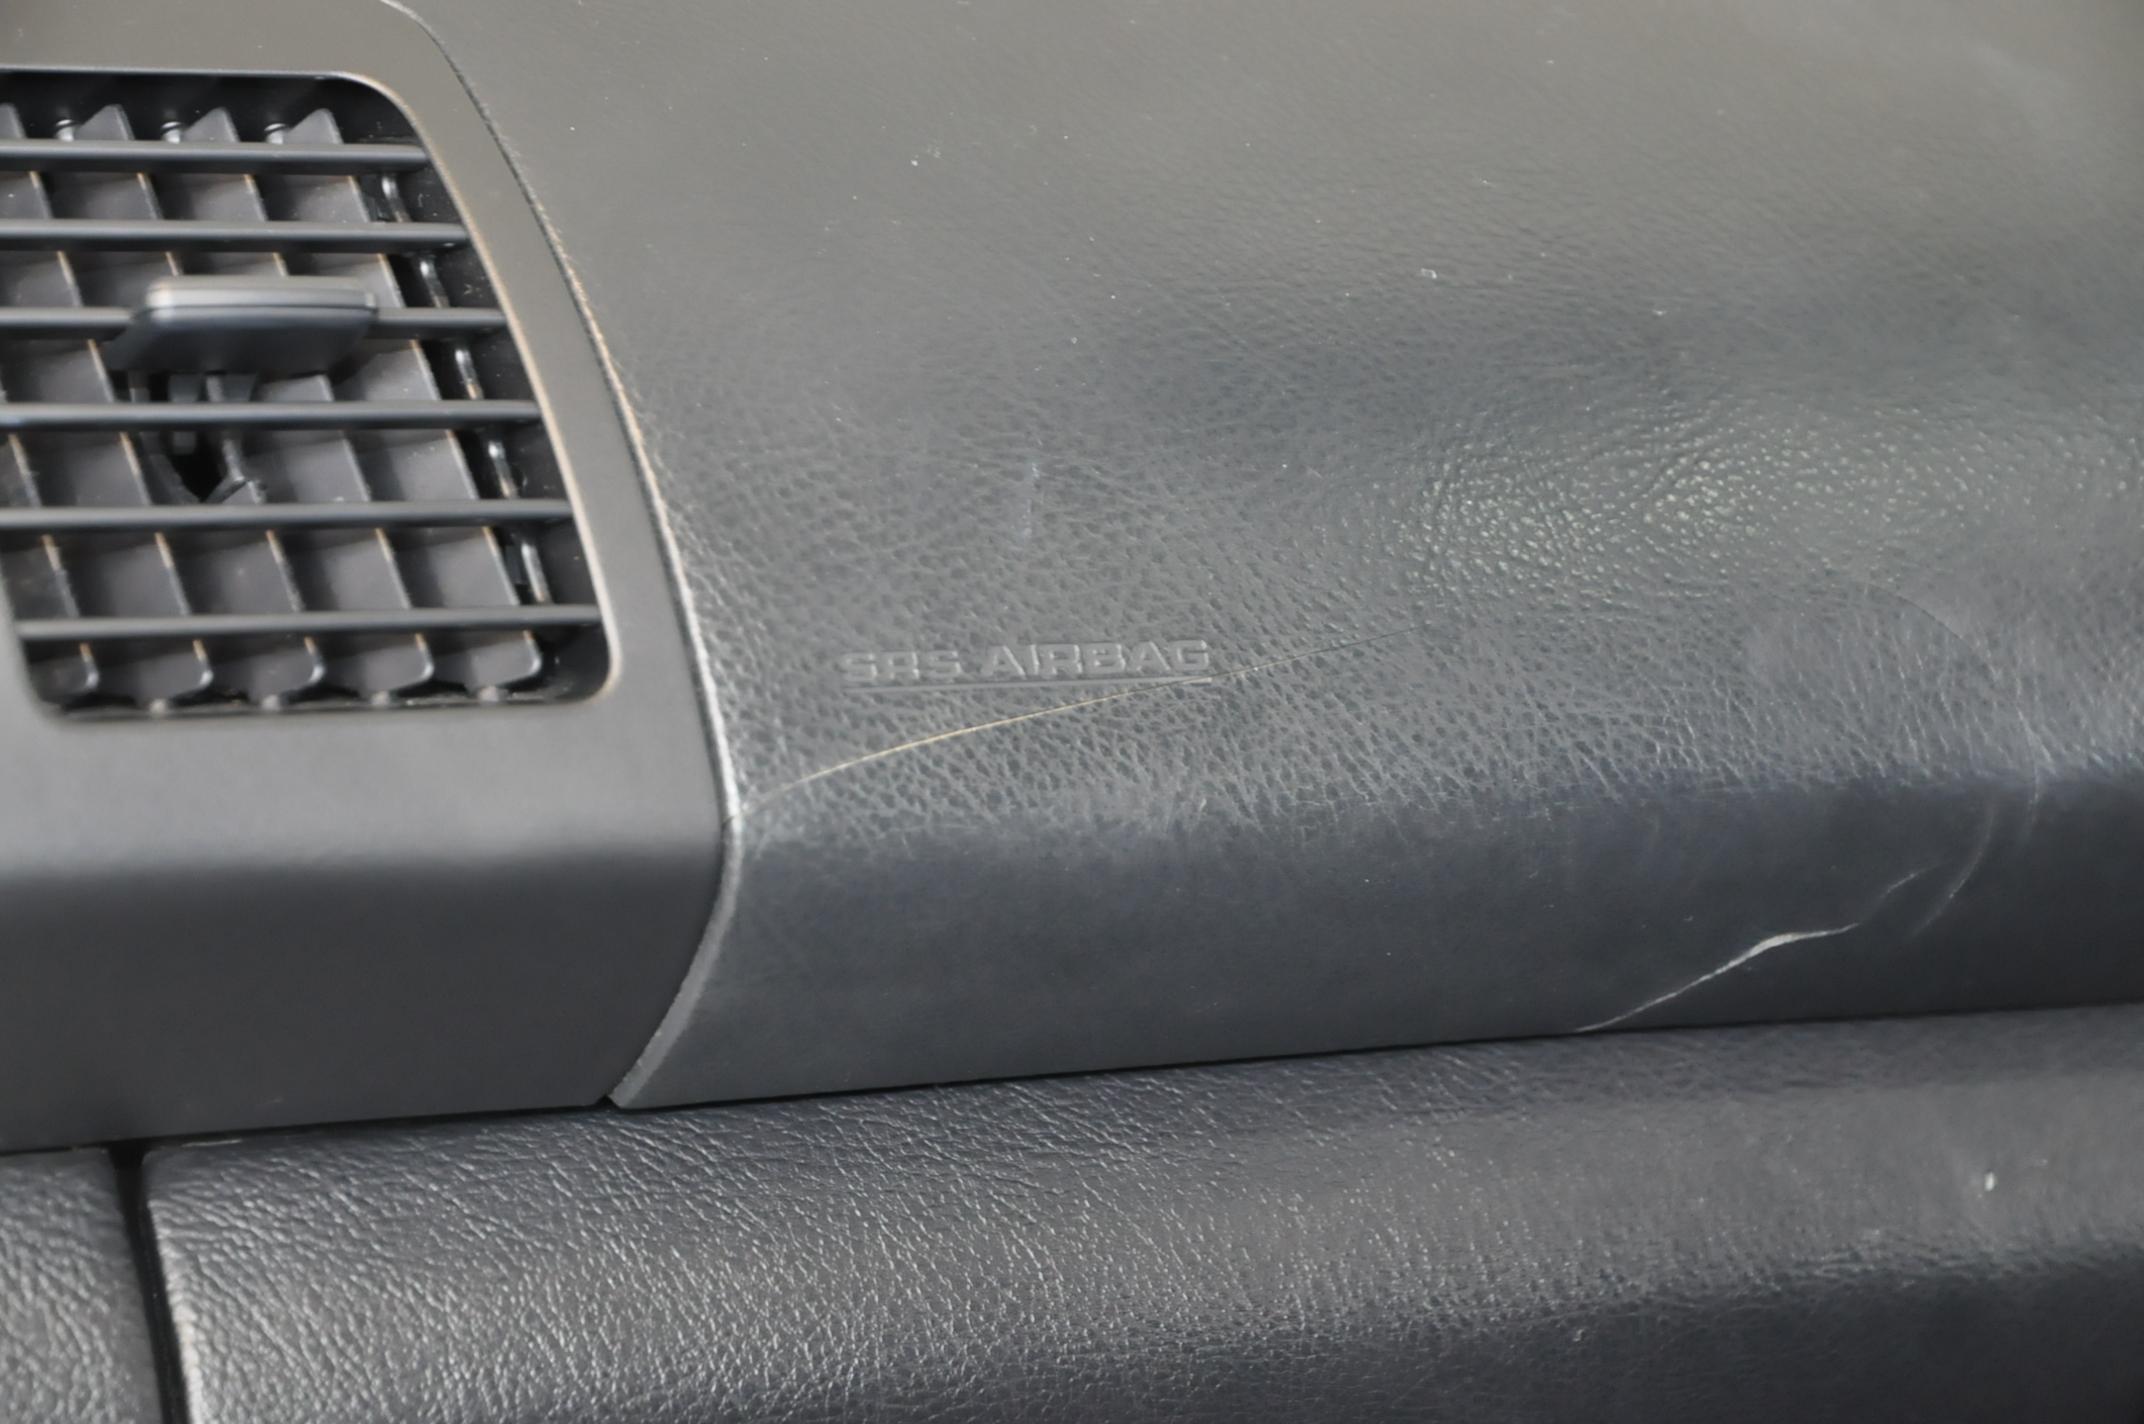 トヨタ ハリアー ダッシュボードのひび割れ補修 1167 静岡県東部地域で車内装、革製品、木材製品の修理・補修